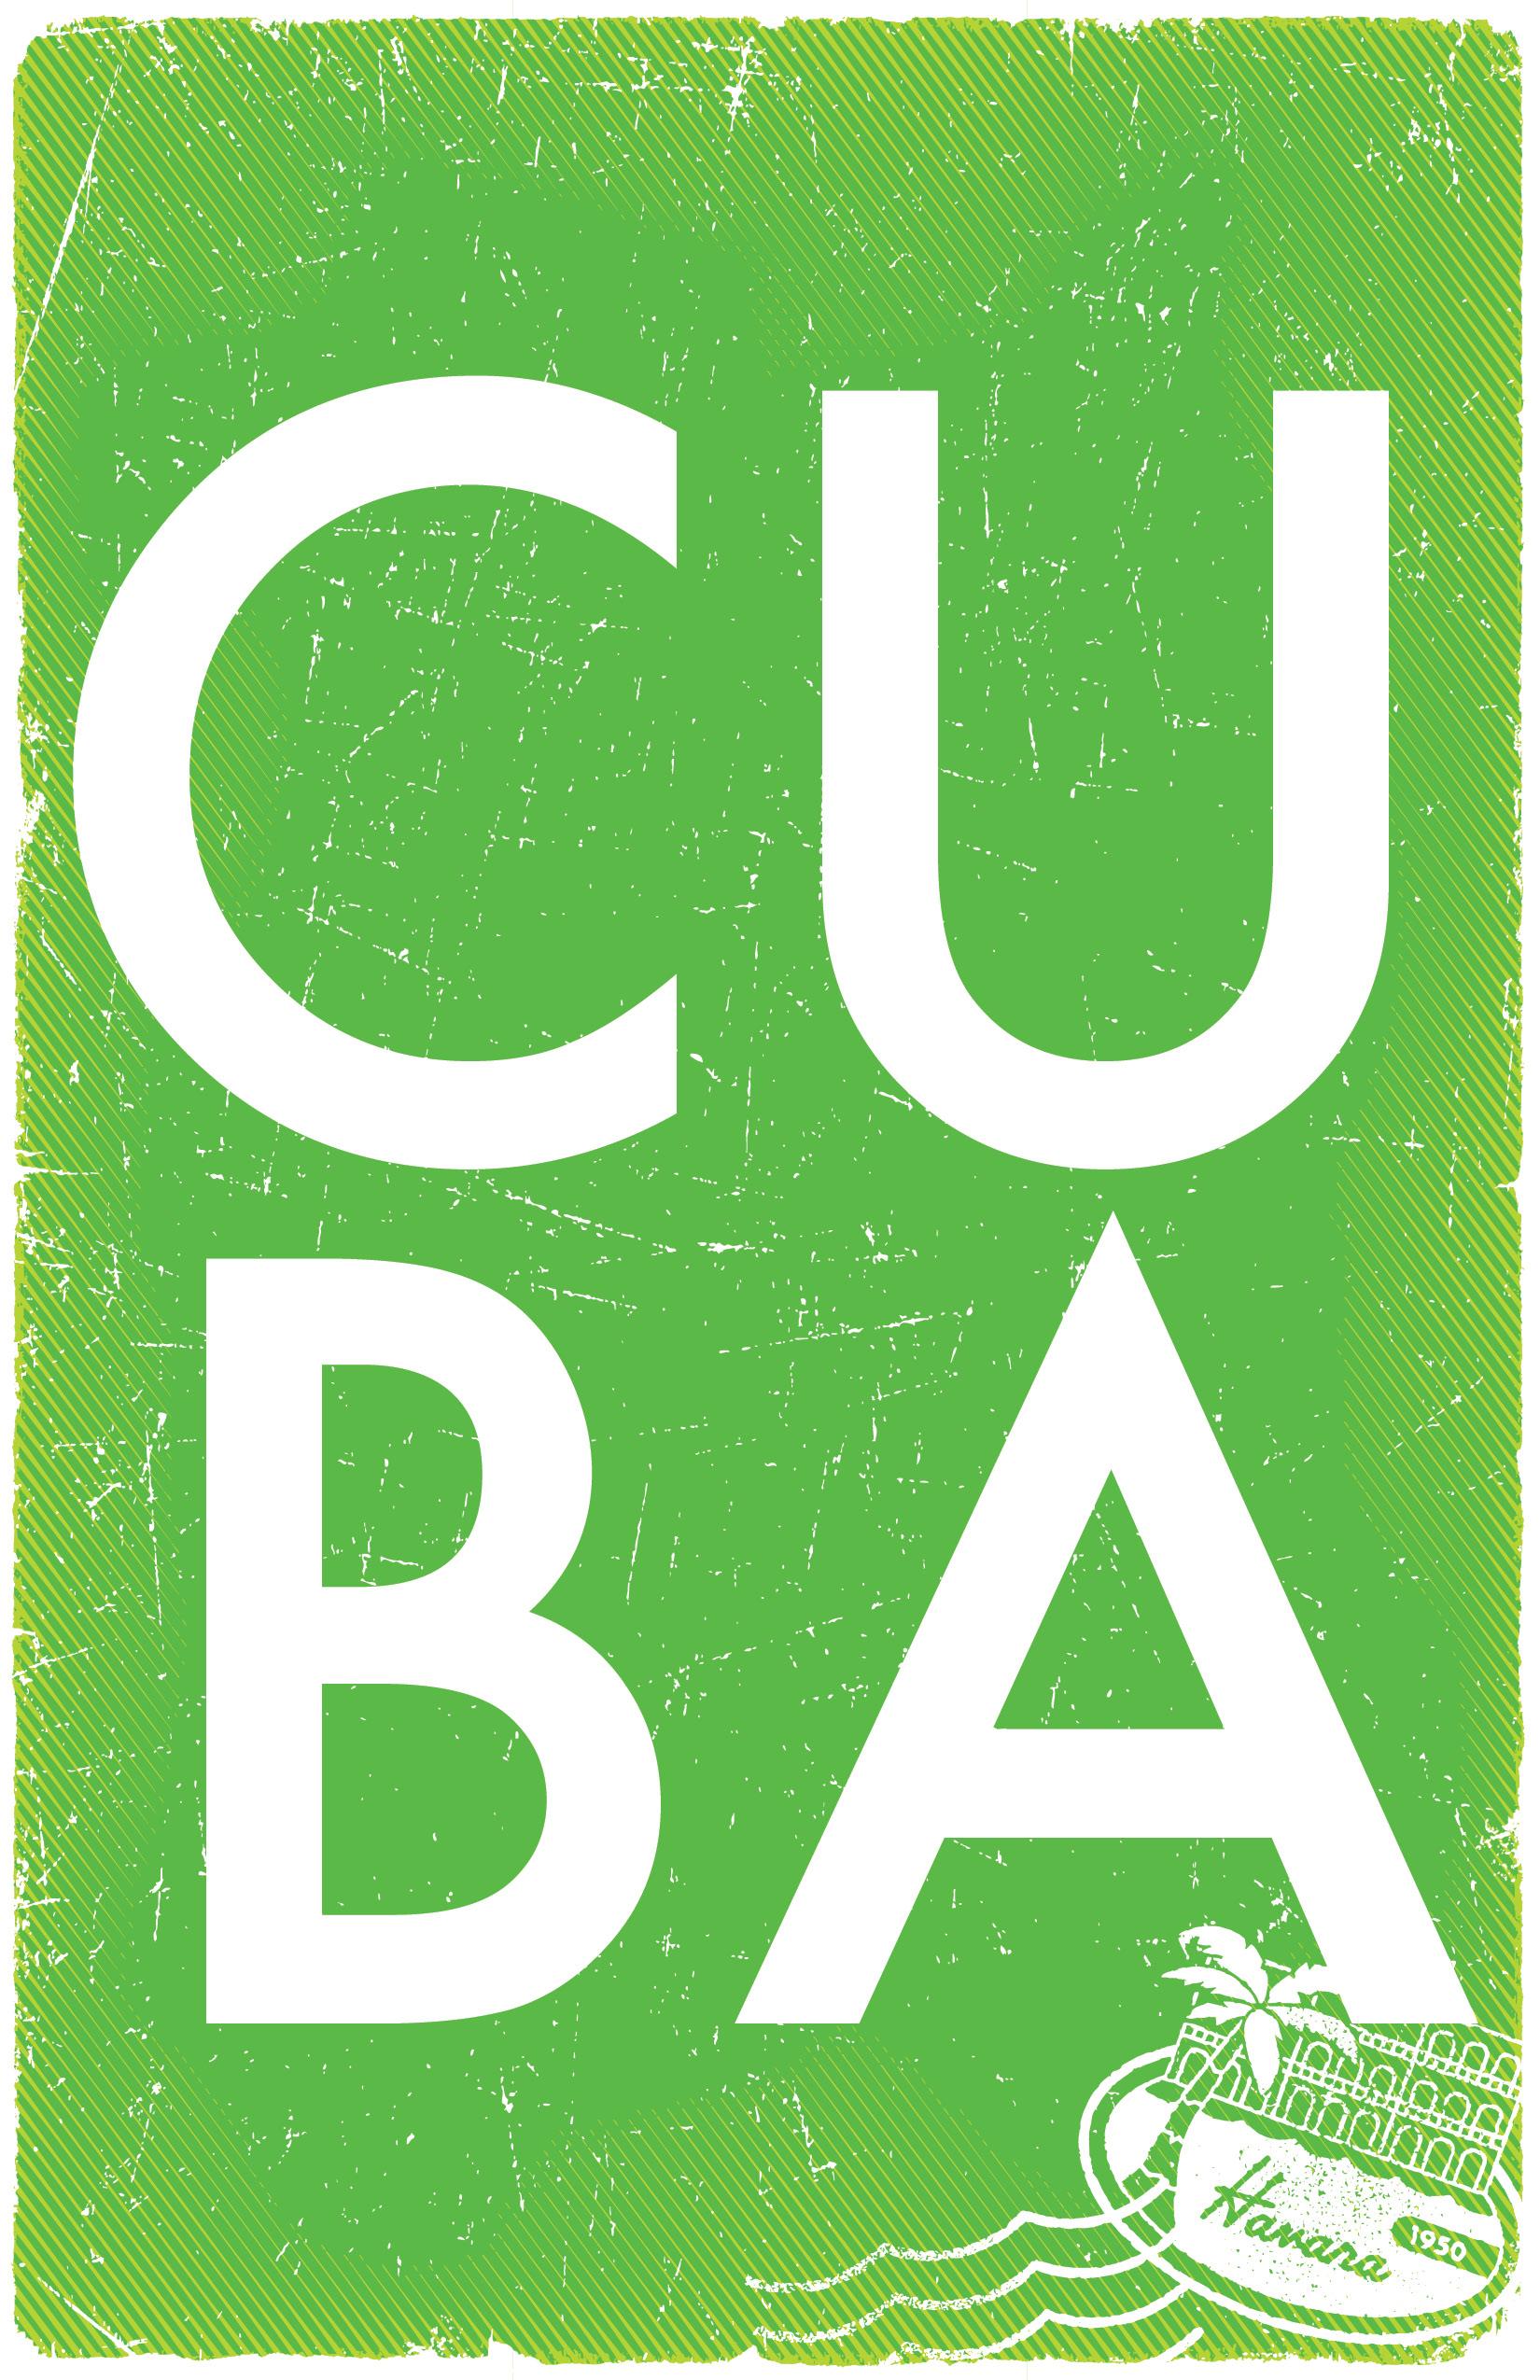 Havana-Wheat-Paste-Posters13.jpg